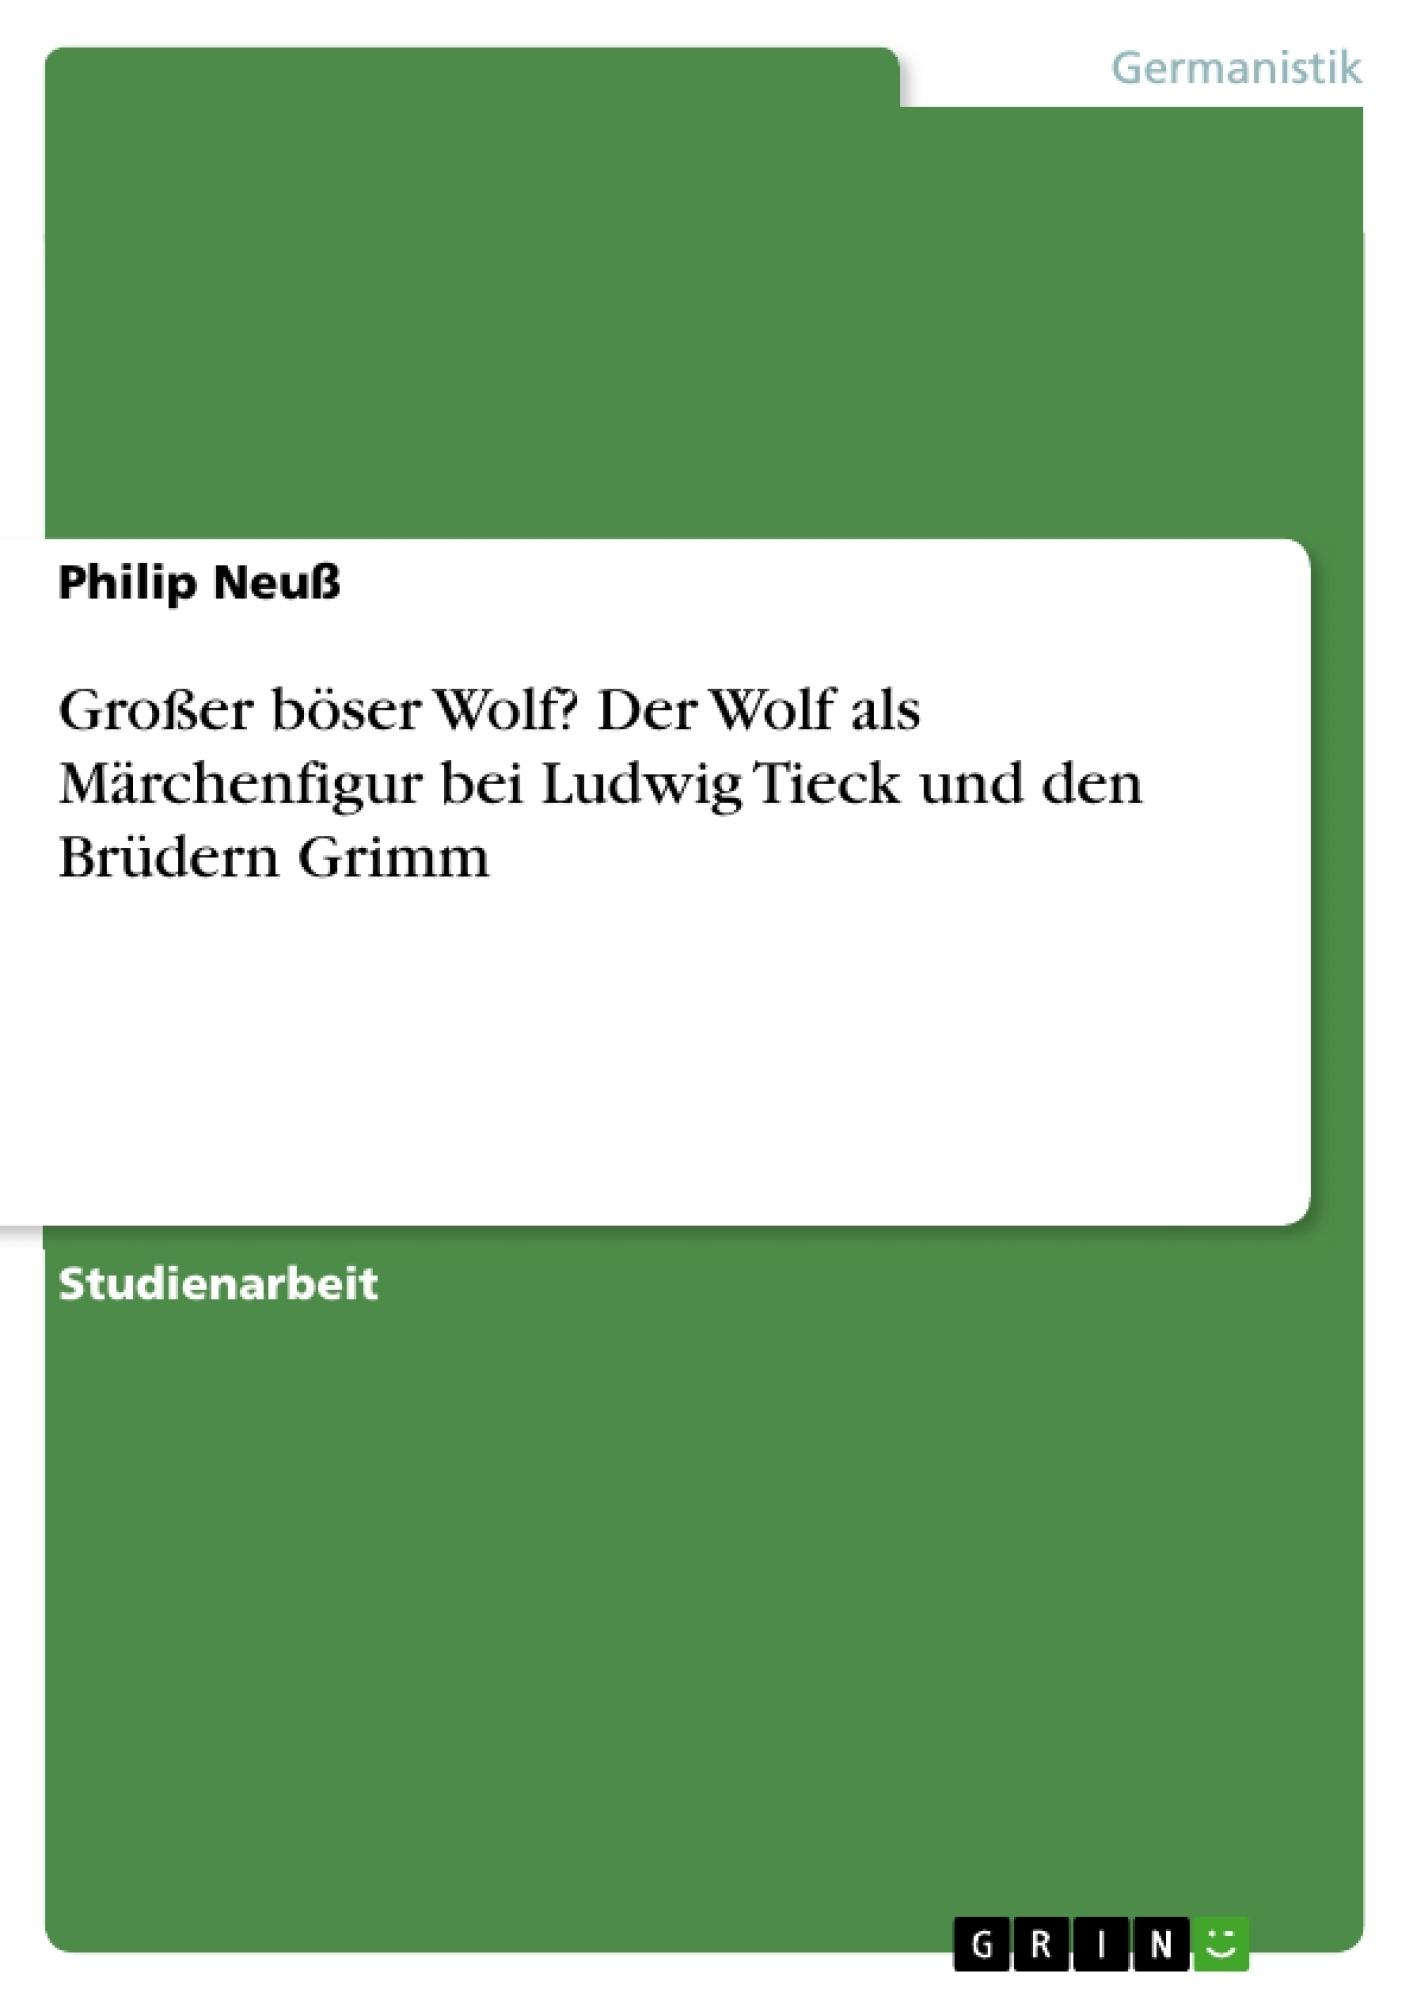 Titel: Großer böser Wolf? Der Wolf als Märchenfigur bei Ludwig Tieck und den Brüdern Grimm